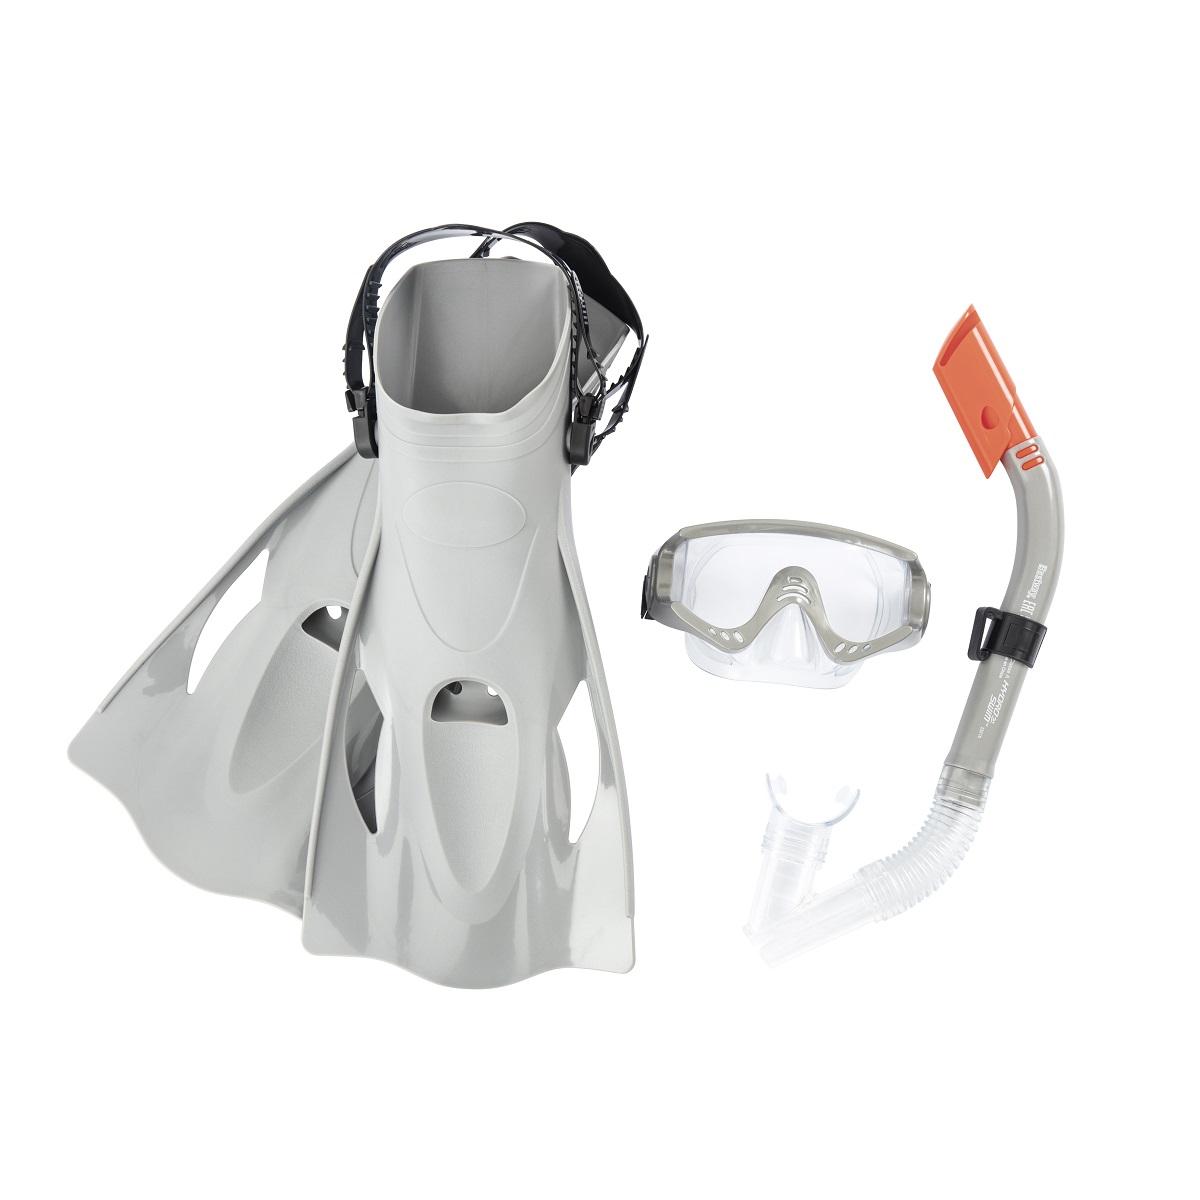 Potápěčský set BESTWAY Hydro Swim 25020 s ploutvemi - šedý